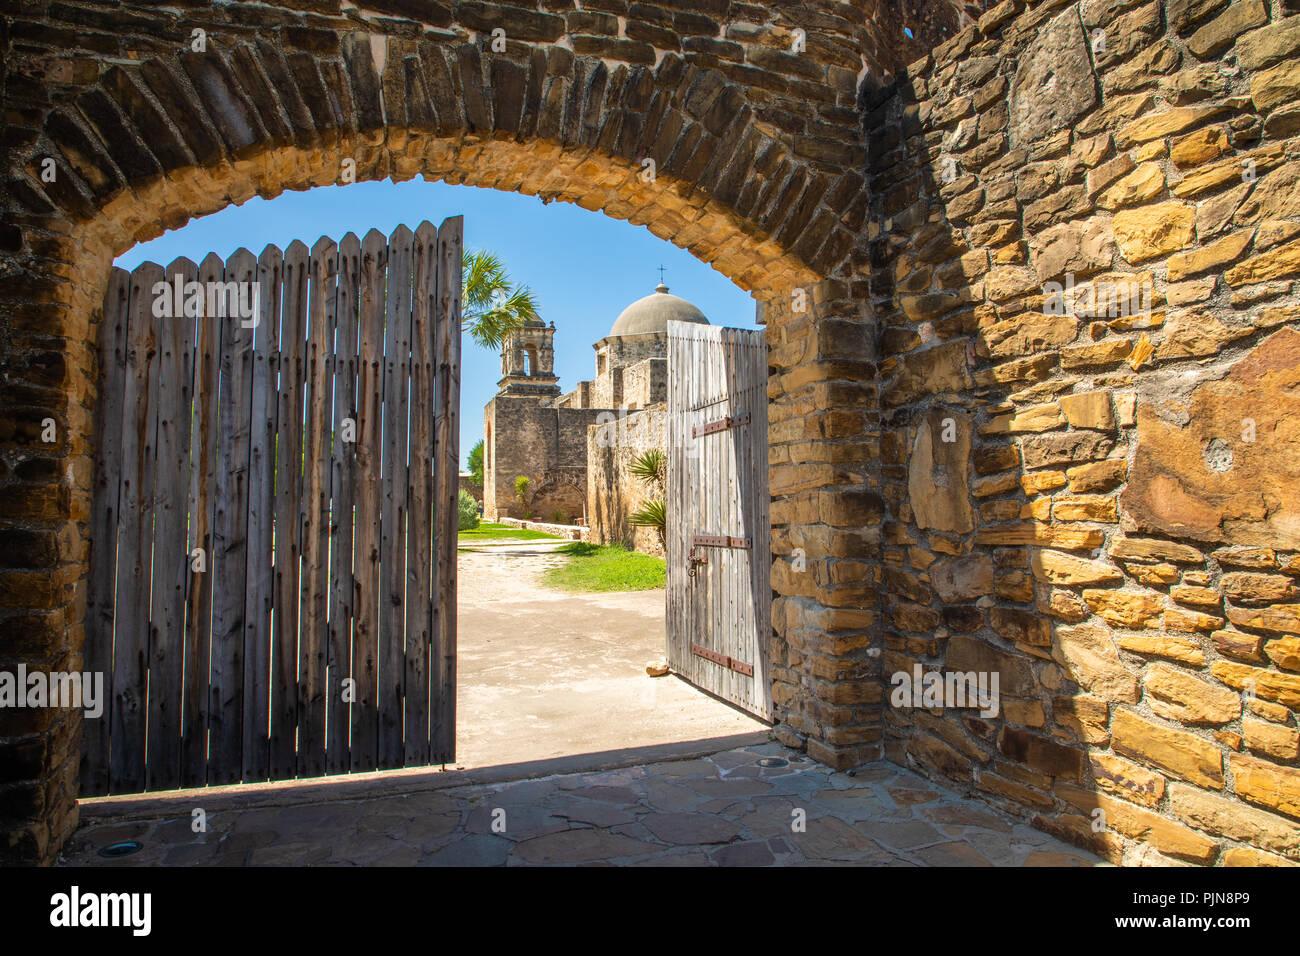 La missione di San José y San Miguel de Aguayo è una storica missione cattolica di San Antonio, Texas, Stati Uniti d'America. La missione è stata nominata in parte per il marchese de Sa Immagini Stock